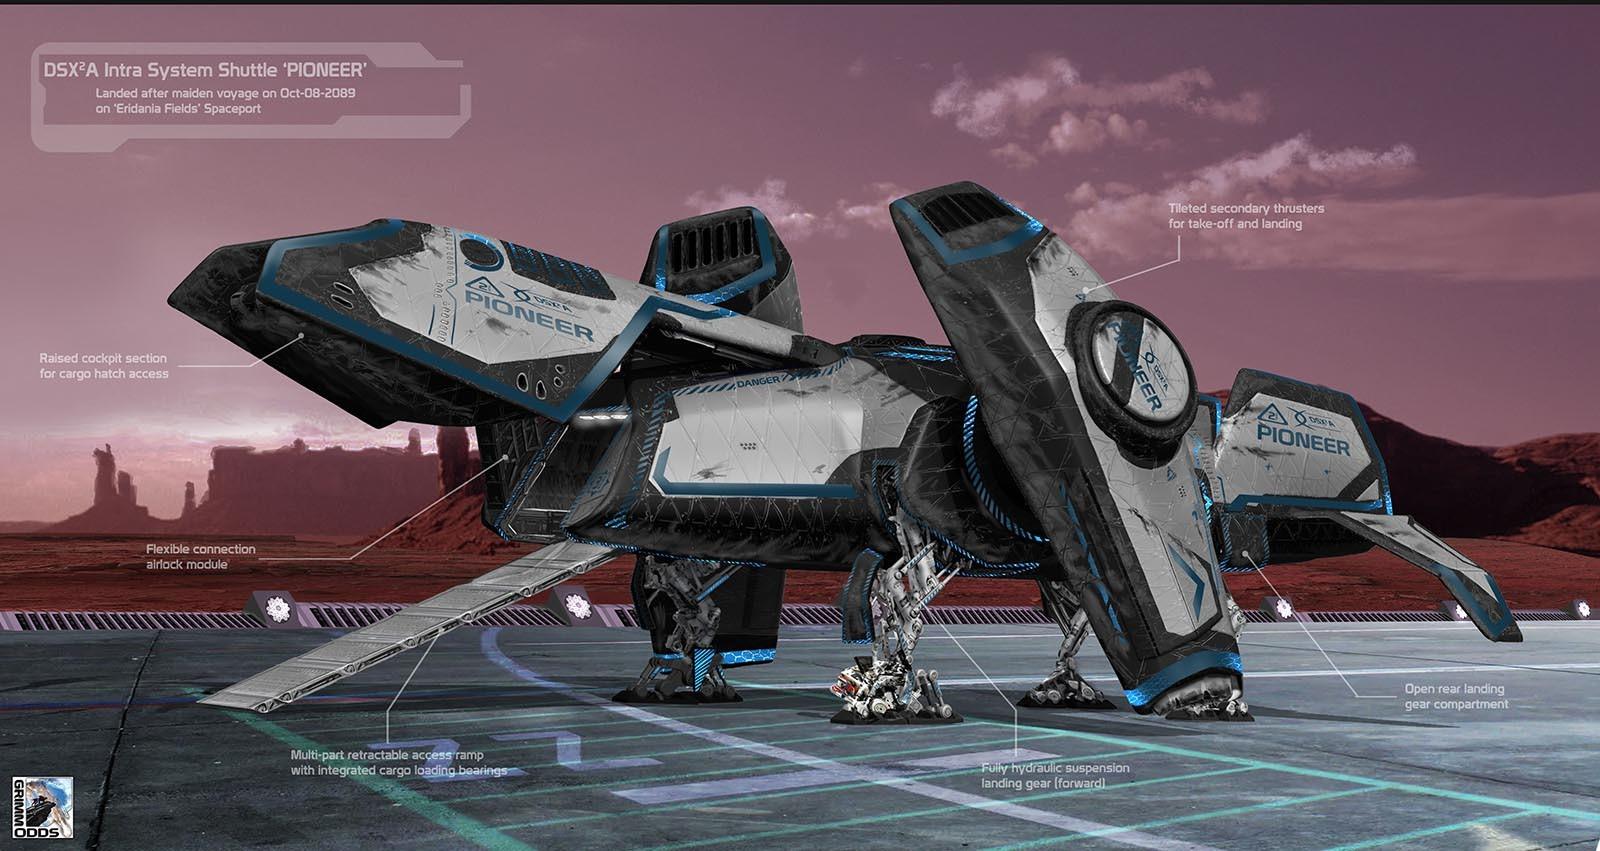 Grimm Odds - Shuttle Landed